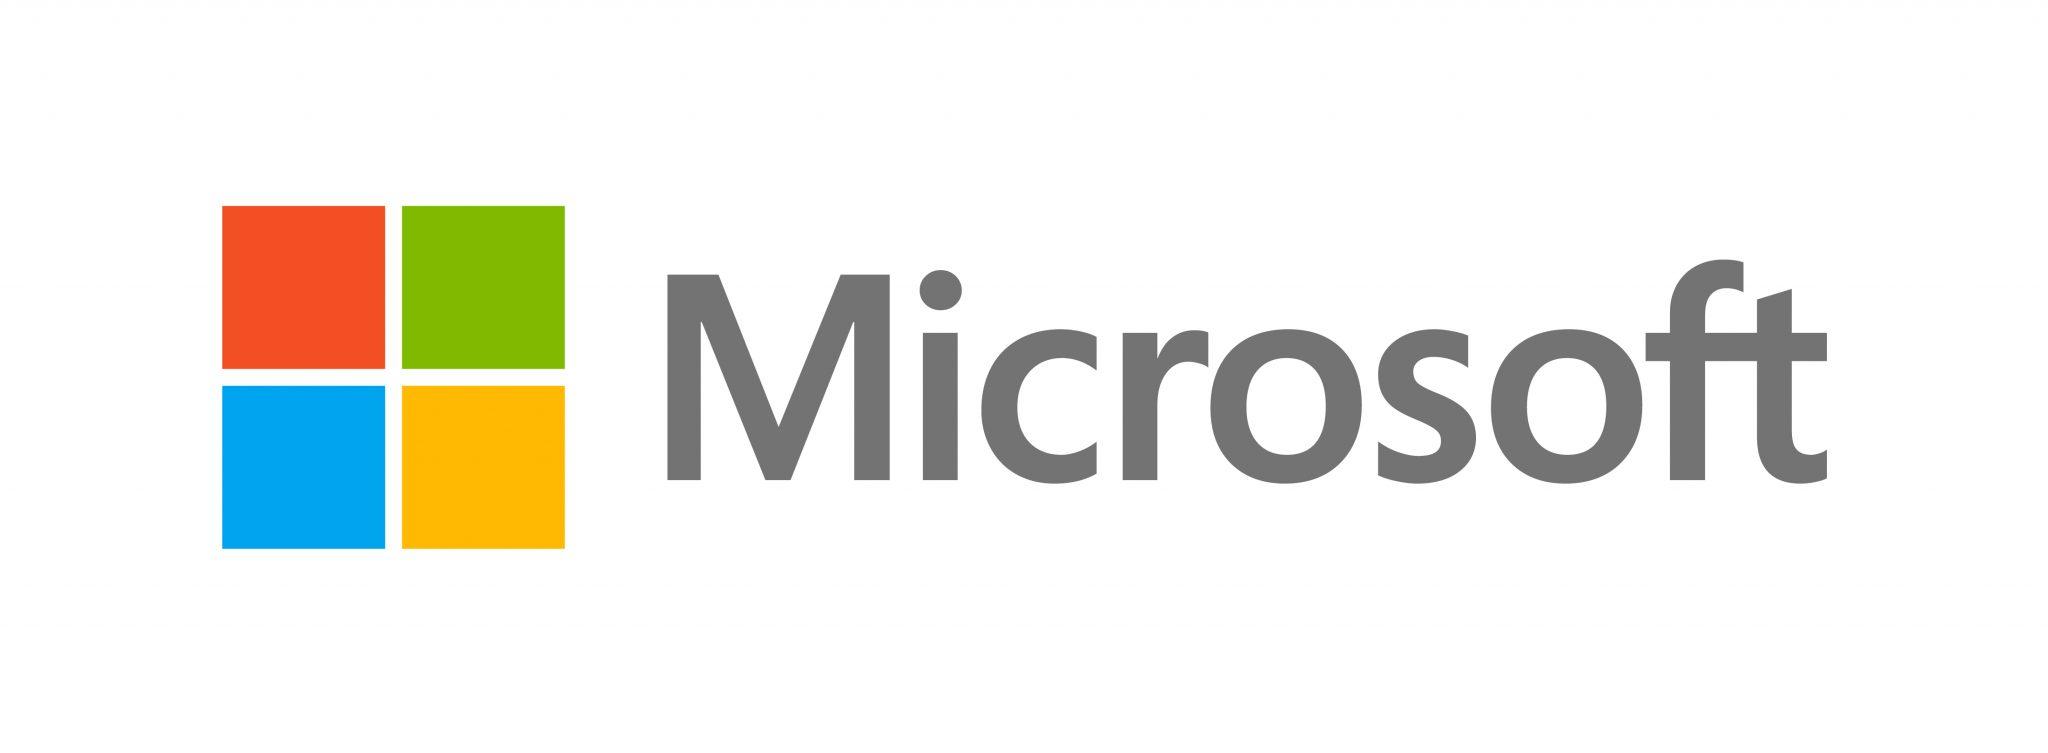 Microsoft Müşteri Hizmetleri Çağrı Merkezi İletişim Telefon Numarası